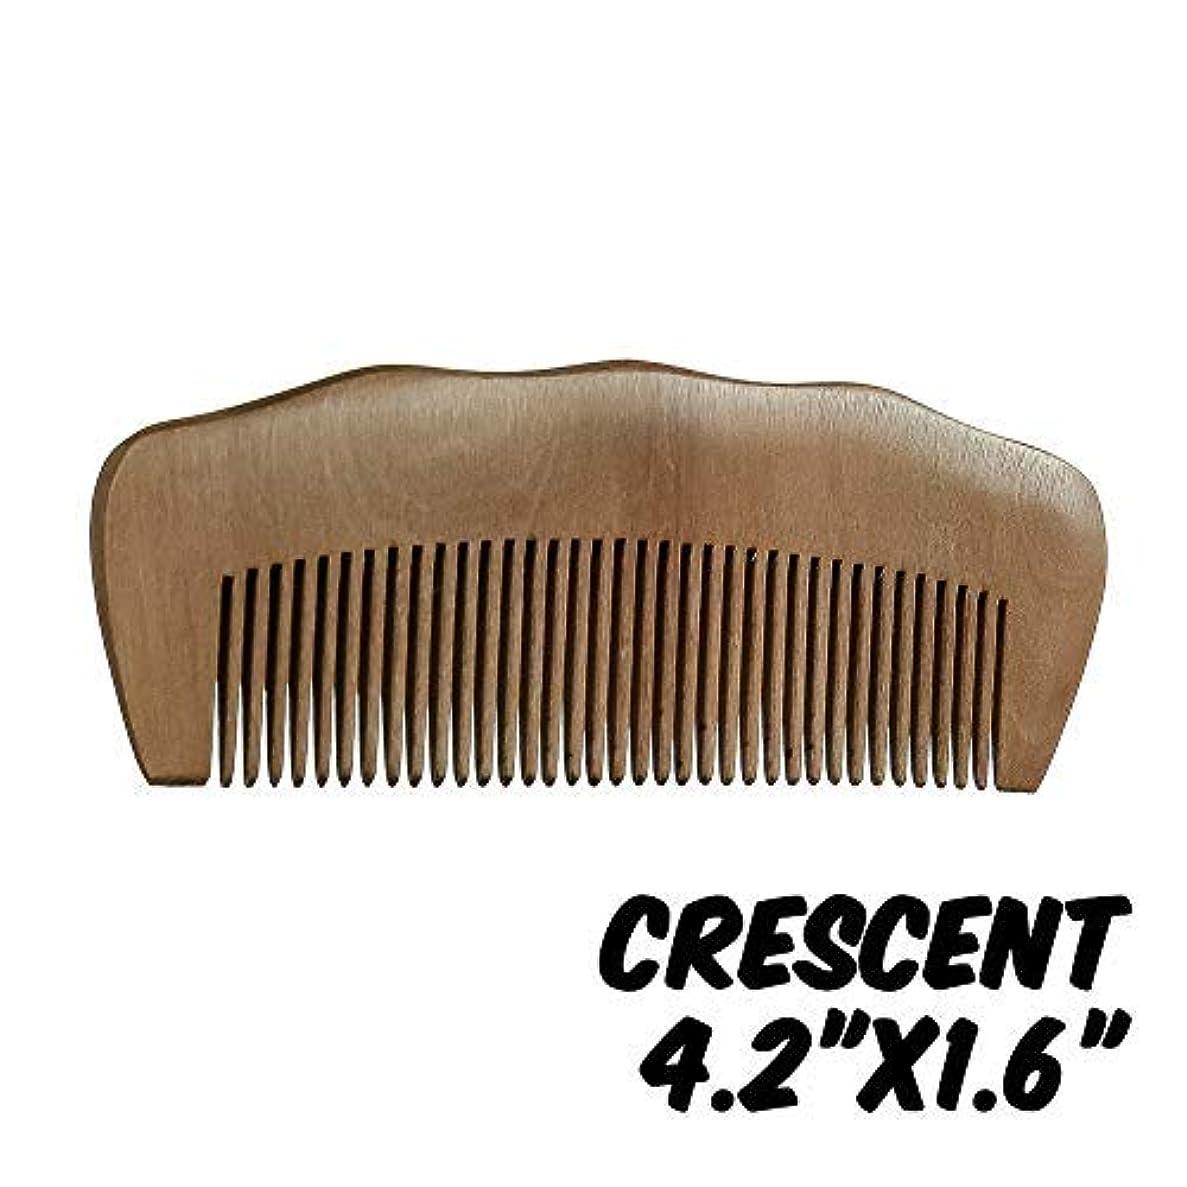 ピクニックうるさい醸造所Markin Arts Crescent Series Handmade Natural Organic Indian Lilac Wood Anti-Static Hypoallergenic Pocket Handle Dry Comb Healthy Shiny Hair Beard Bristle Stubble Styling Grooming Brush 4.2